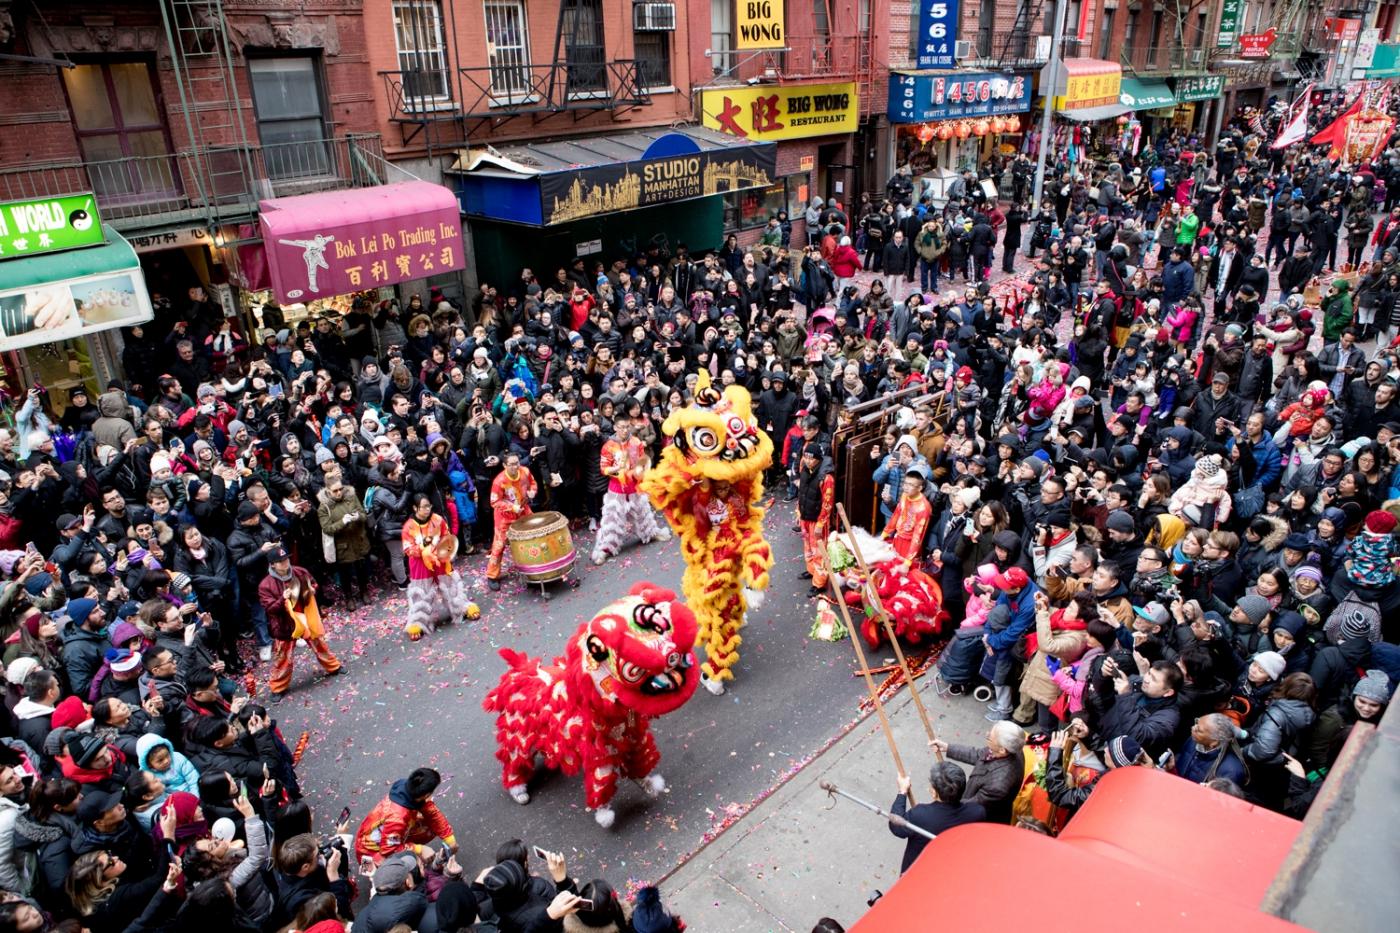 美國春節好熱鬧    ----紐約曼哈頓唐人街大年初一 20170128_图1-20